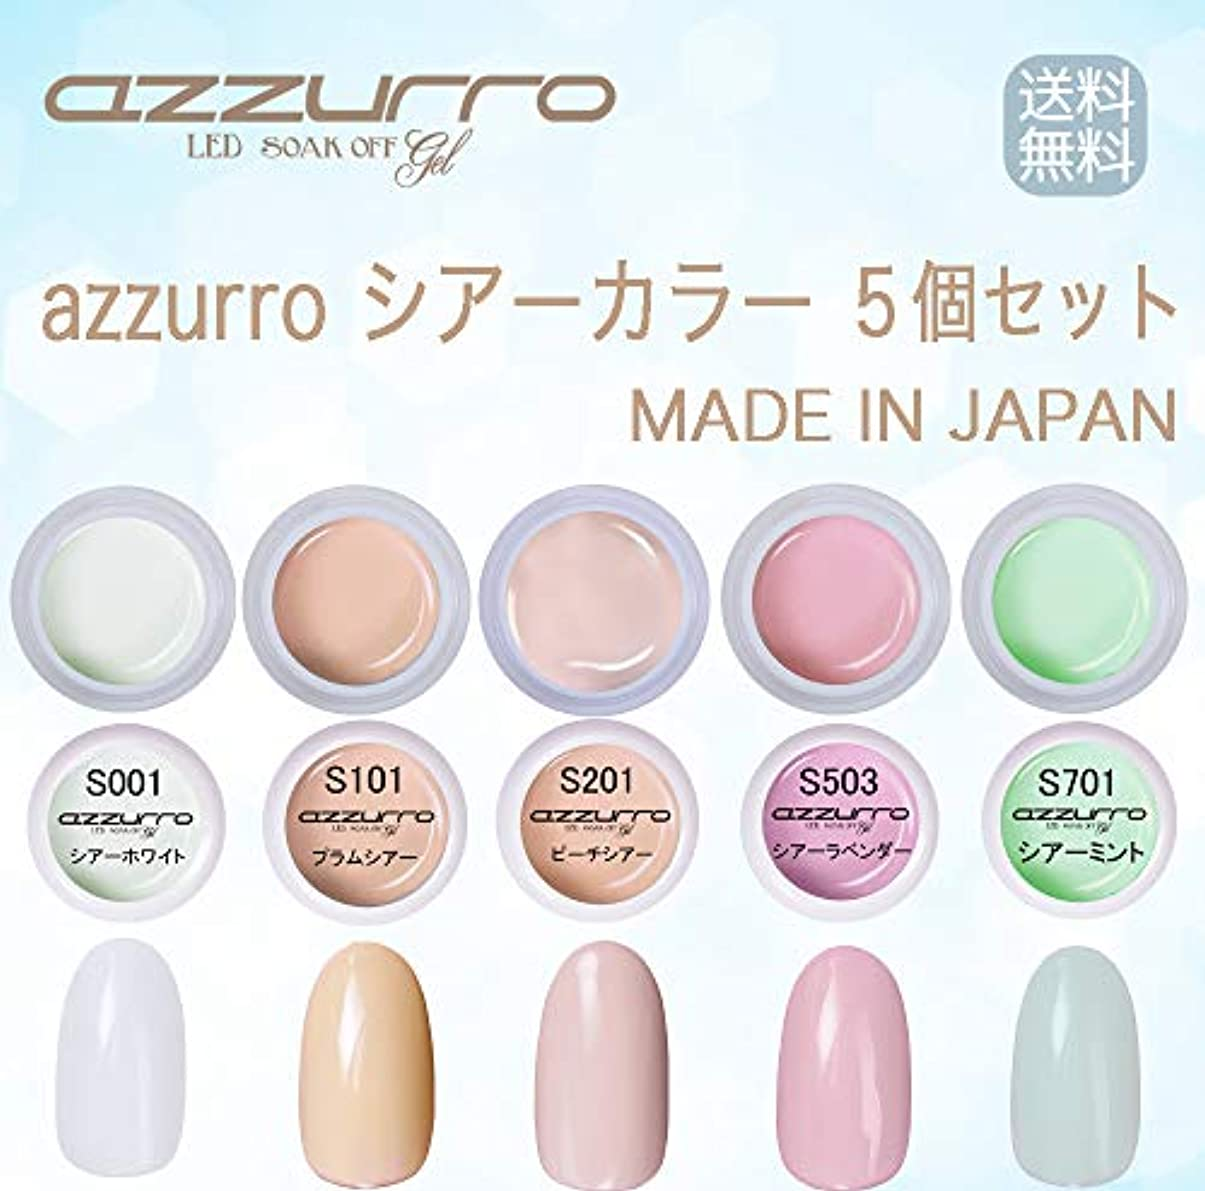 可塑性モネ専門知識【送料無料】日本製 azzurro gel シアー カラージェル5個セット グラデーションにもピッタリなカラー